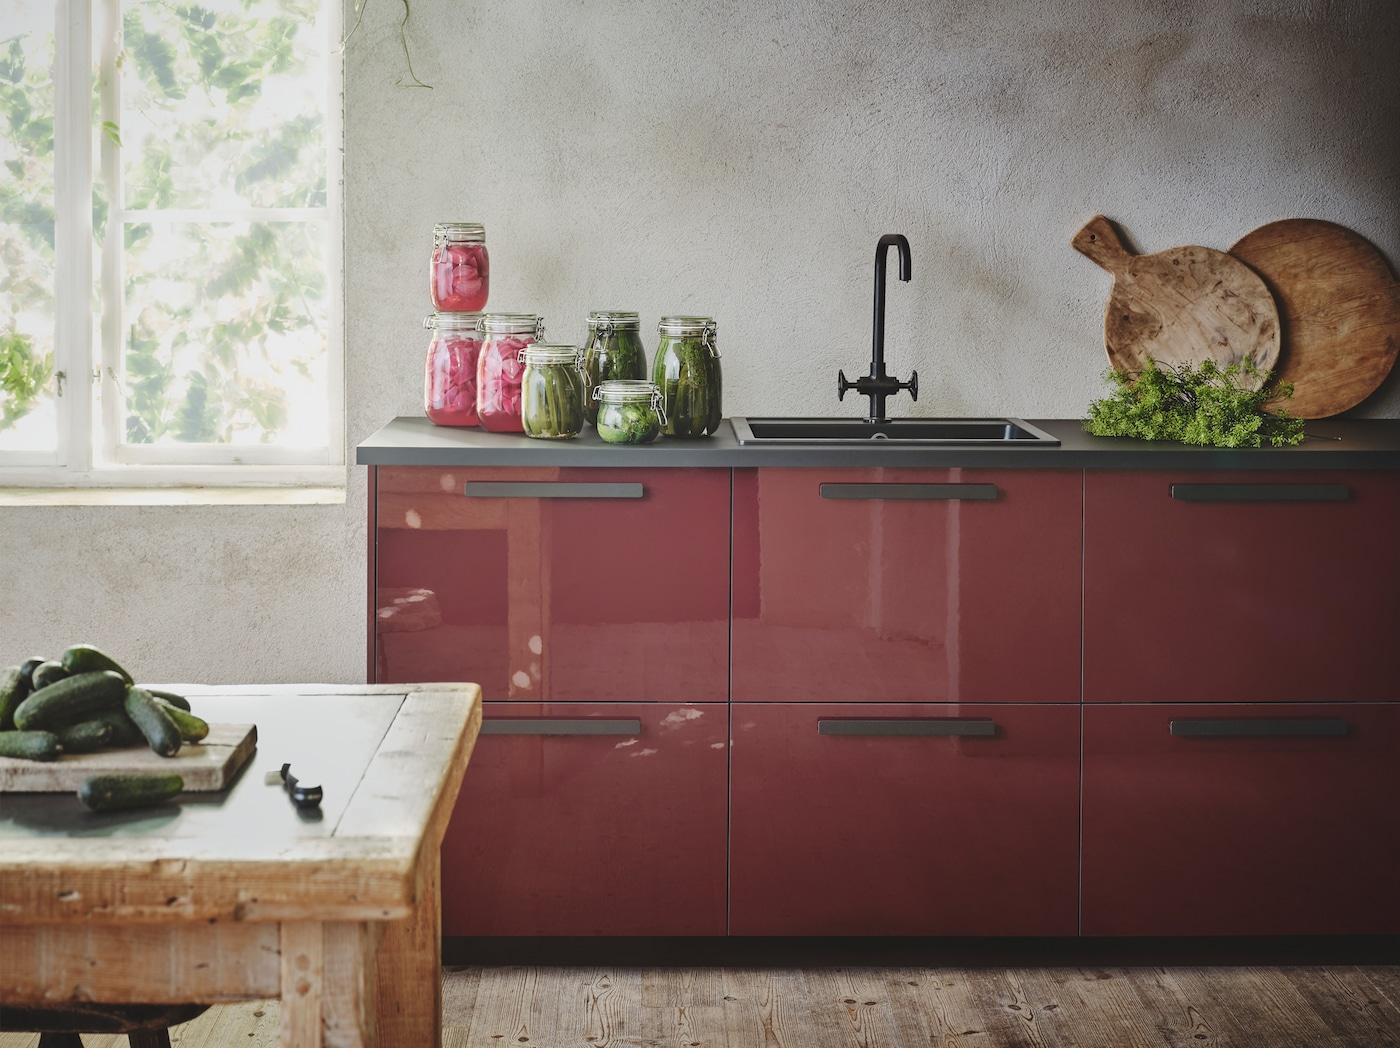 Un cuina de color vermell fosc brillant amb taulell, poms i aigüera de color negre, instal·lada en un ambient rústic amb parets d'estucat gris.